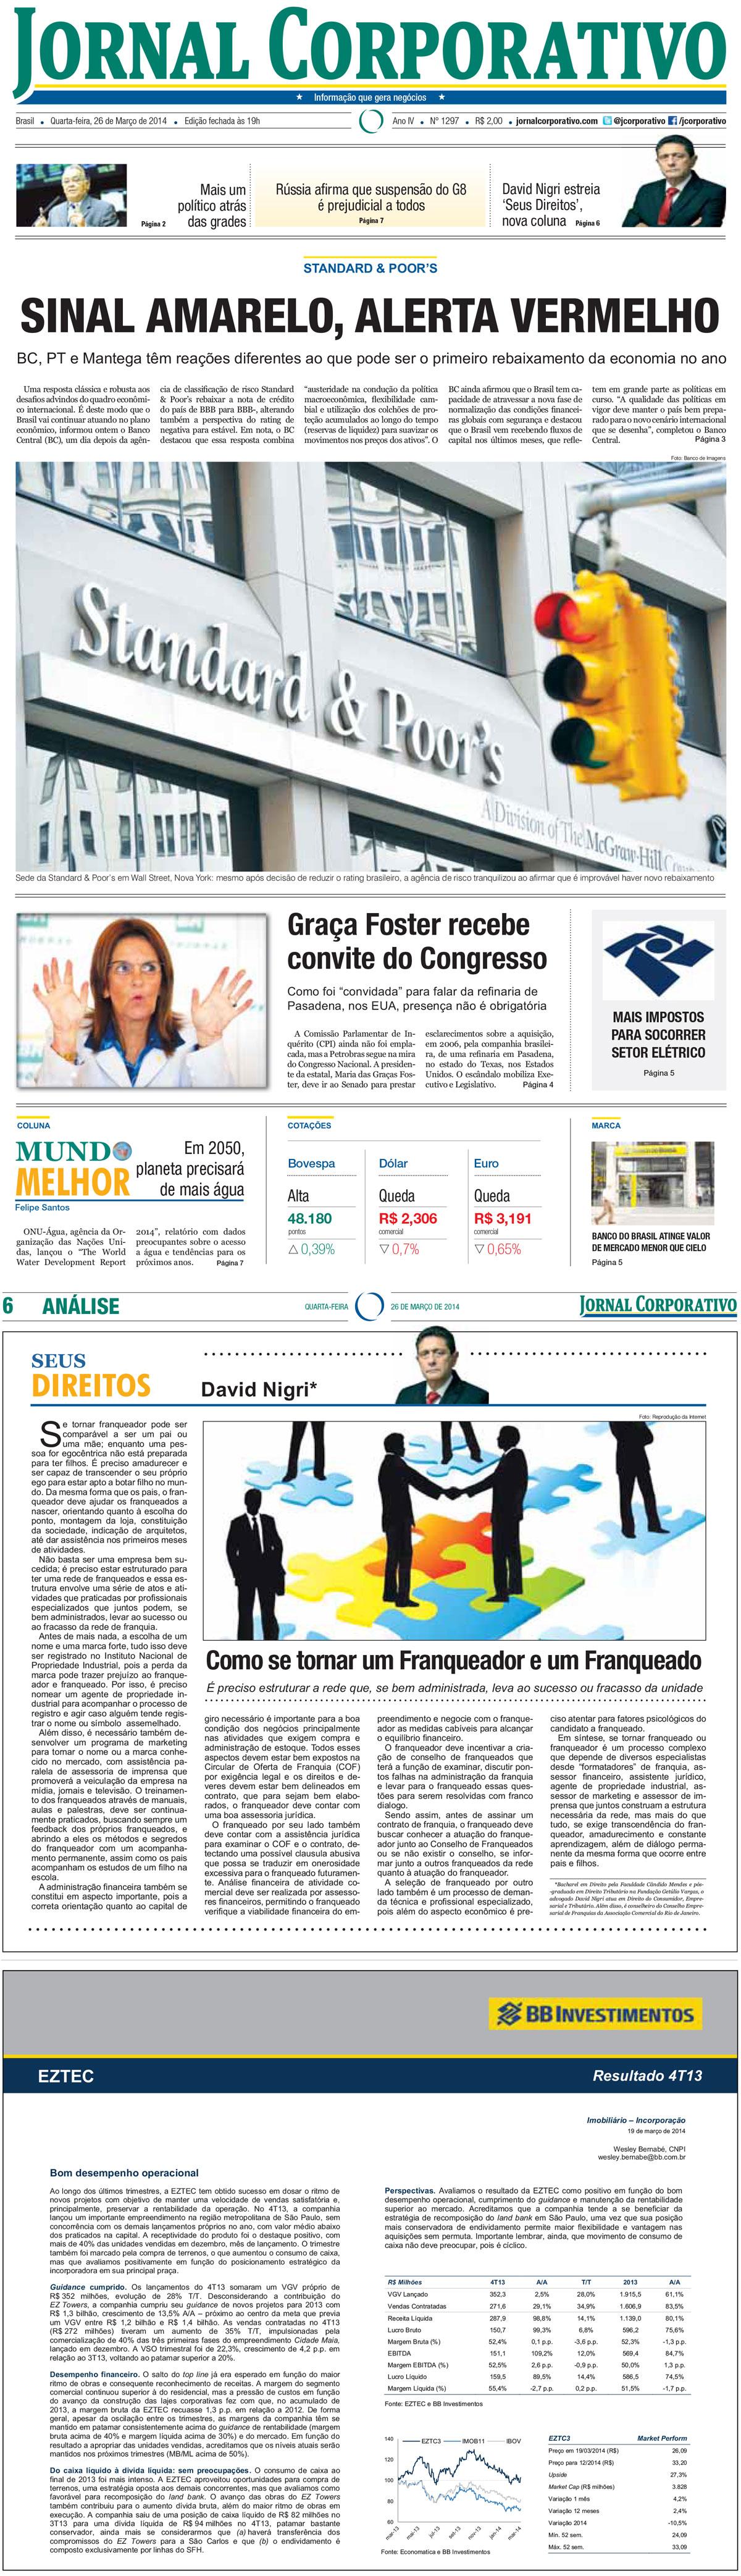 Jornal-Corporativo-Artigo-Franqueador